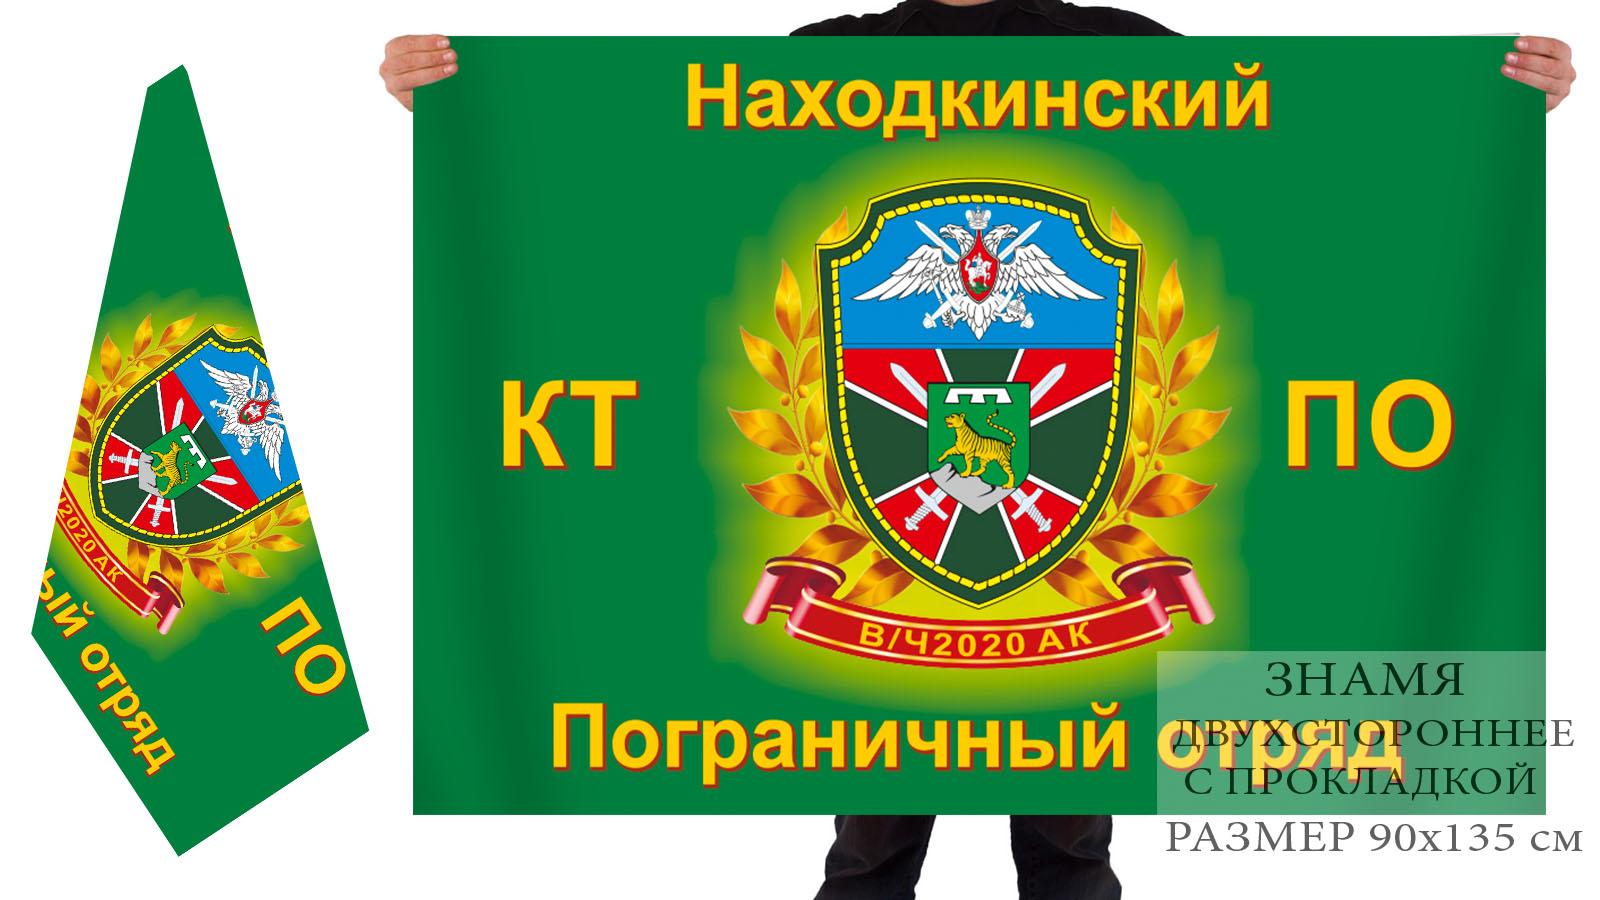 Двусторонний флаг 62 Находкинского морского погранотряда